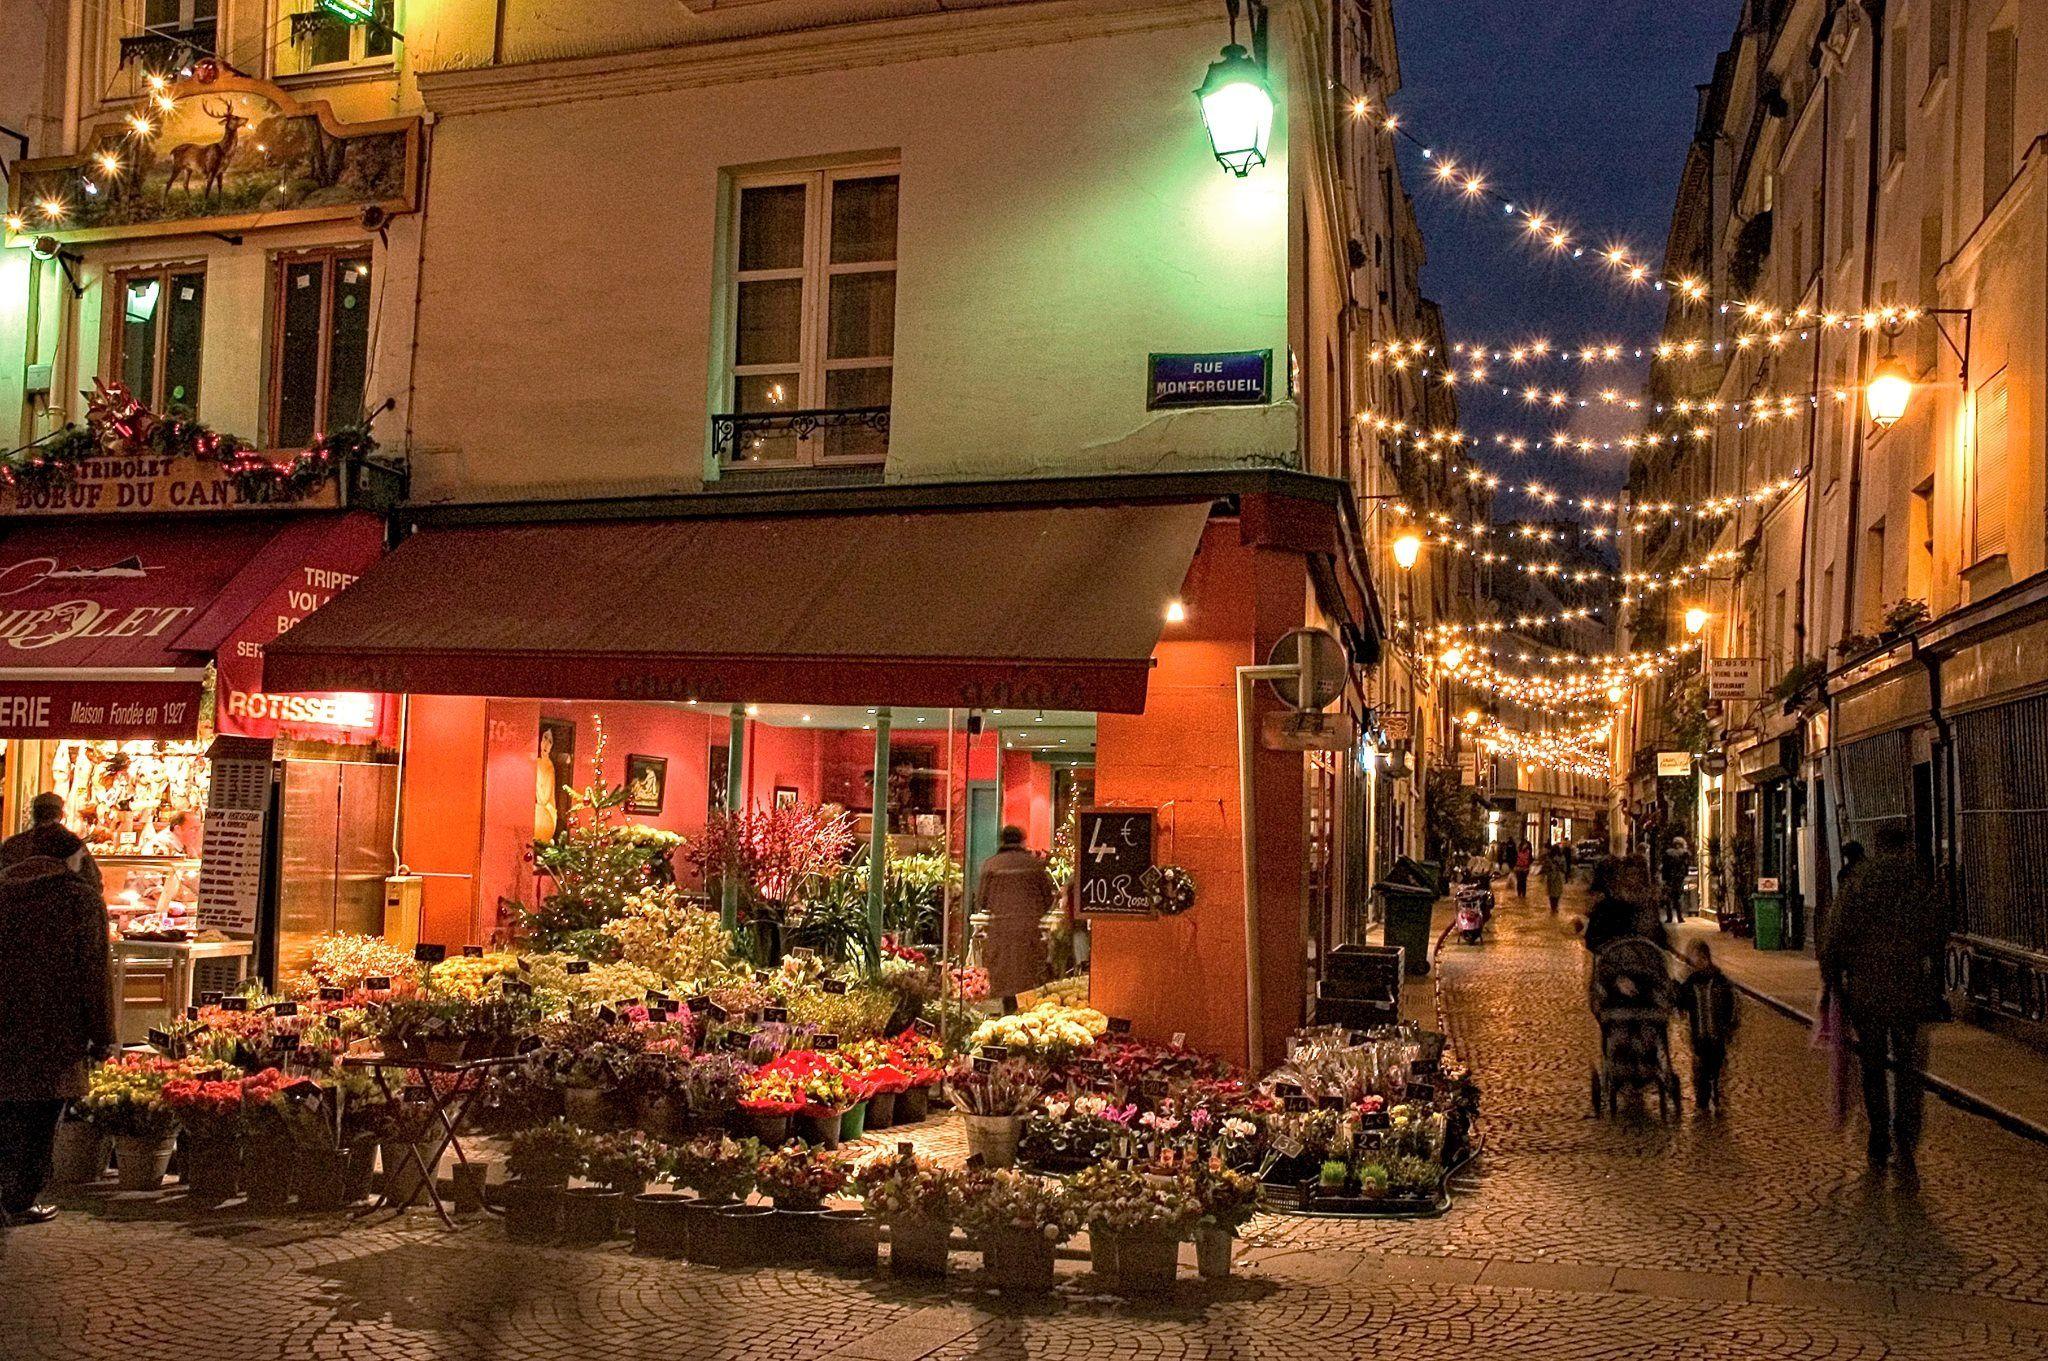 Paris at nite...  :)